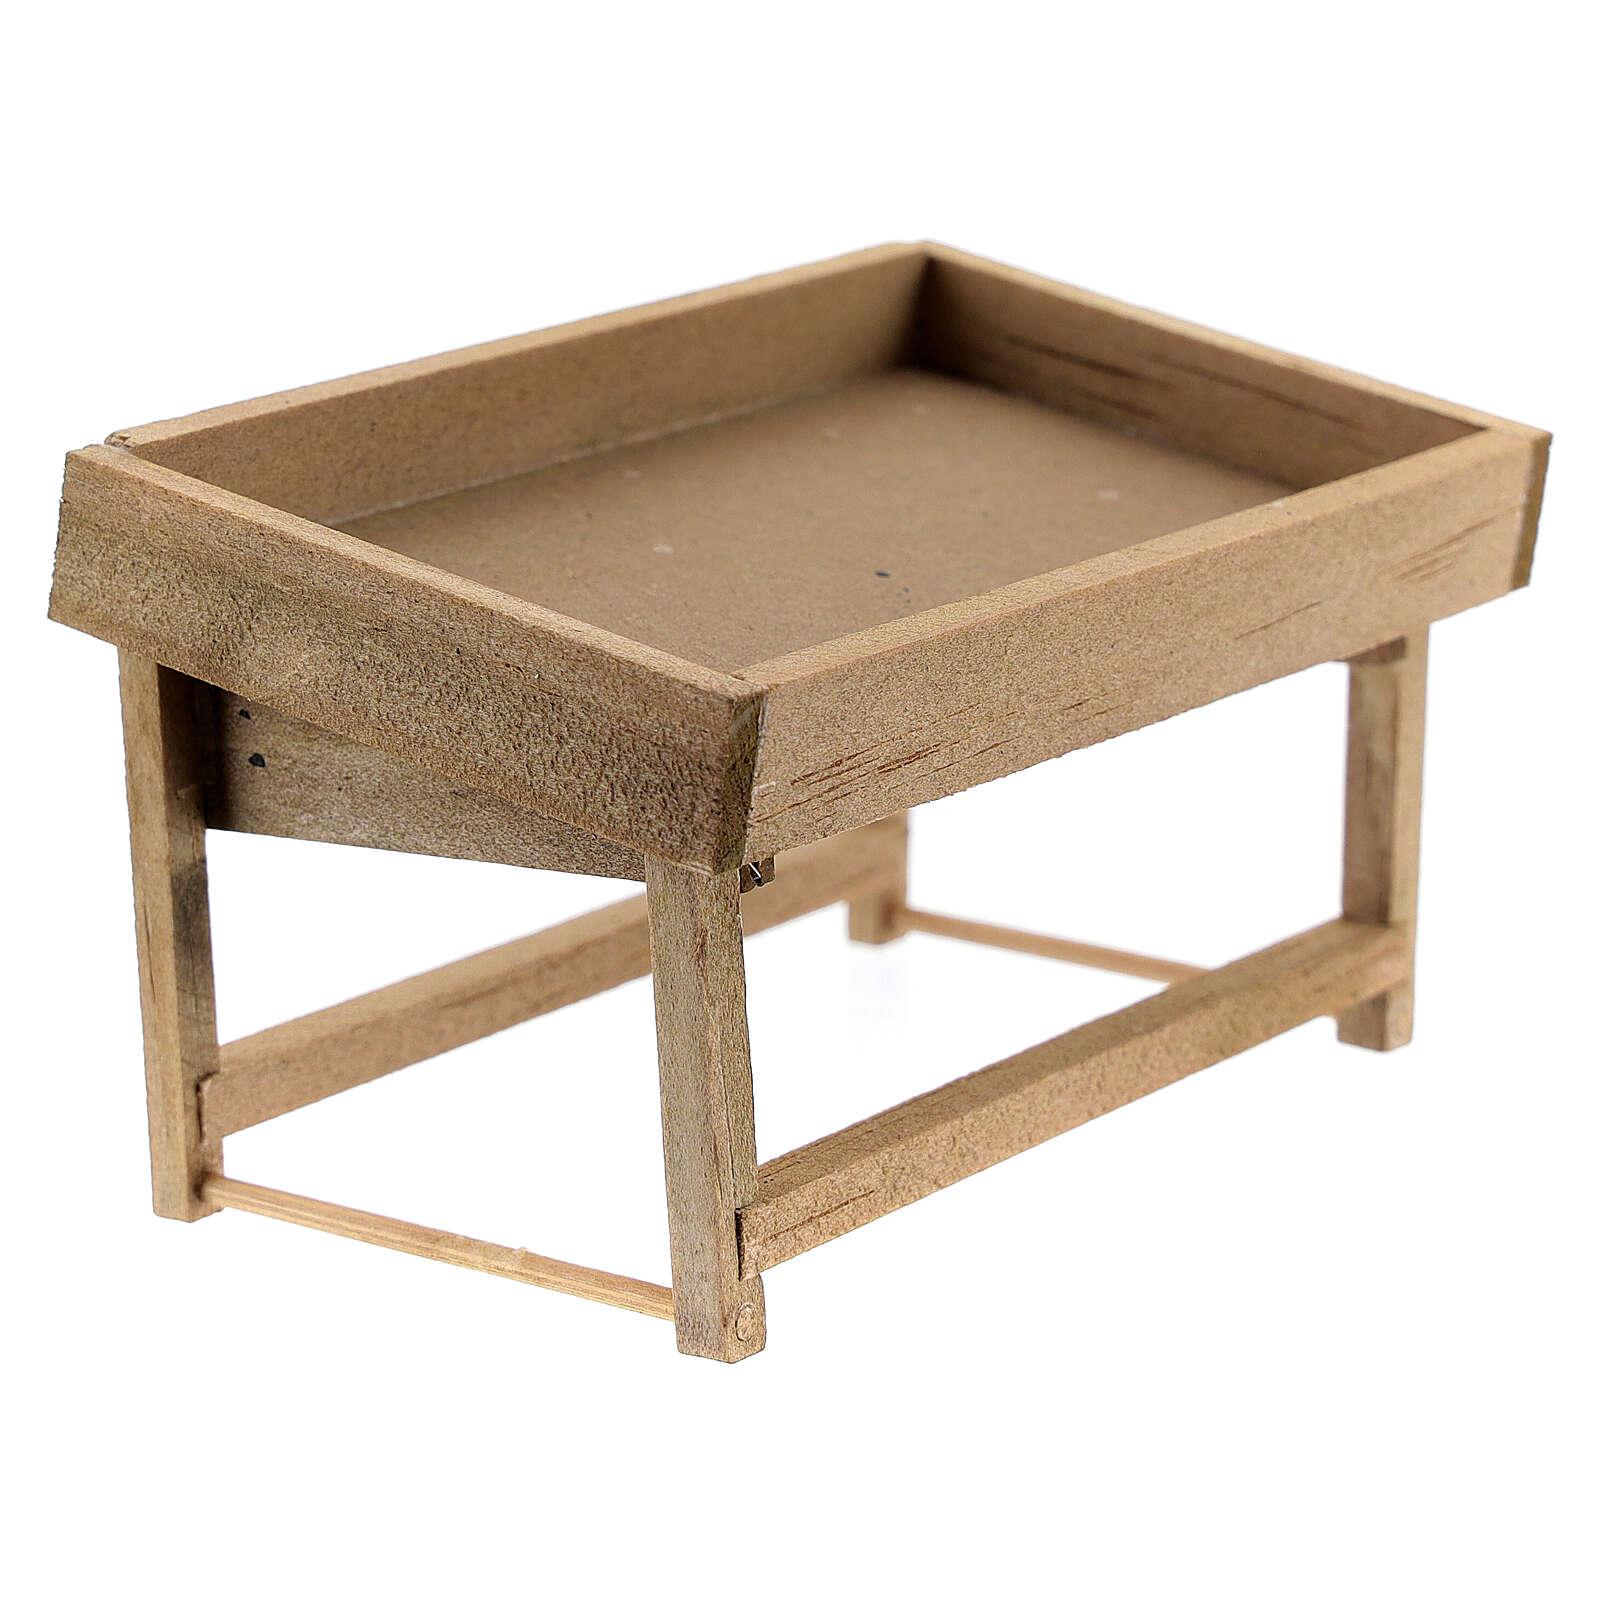 Banchetto mercato legno presepe 8-10 cm 4